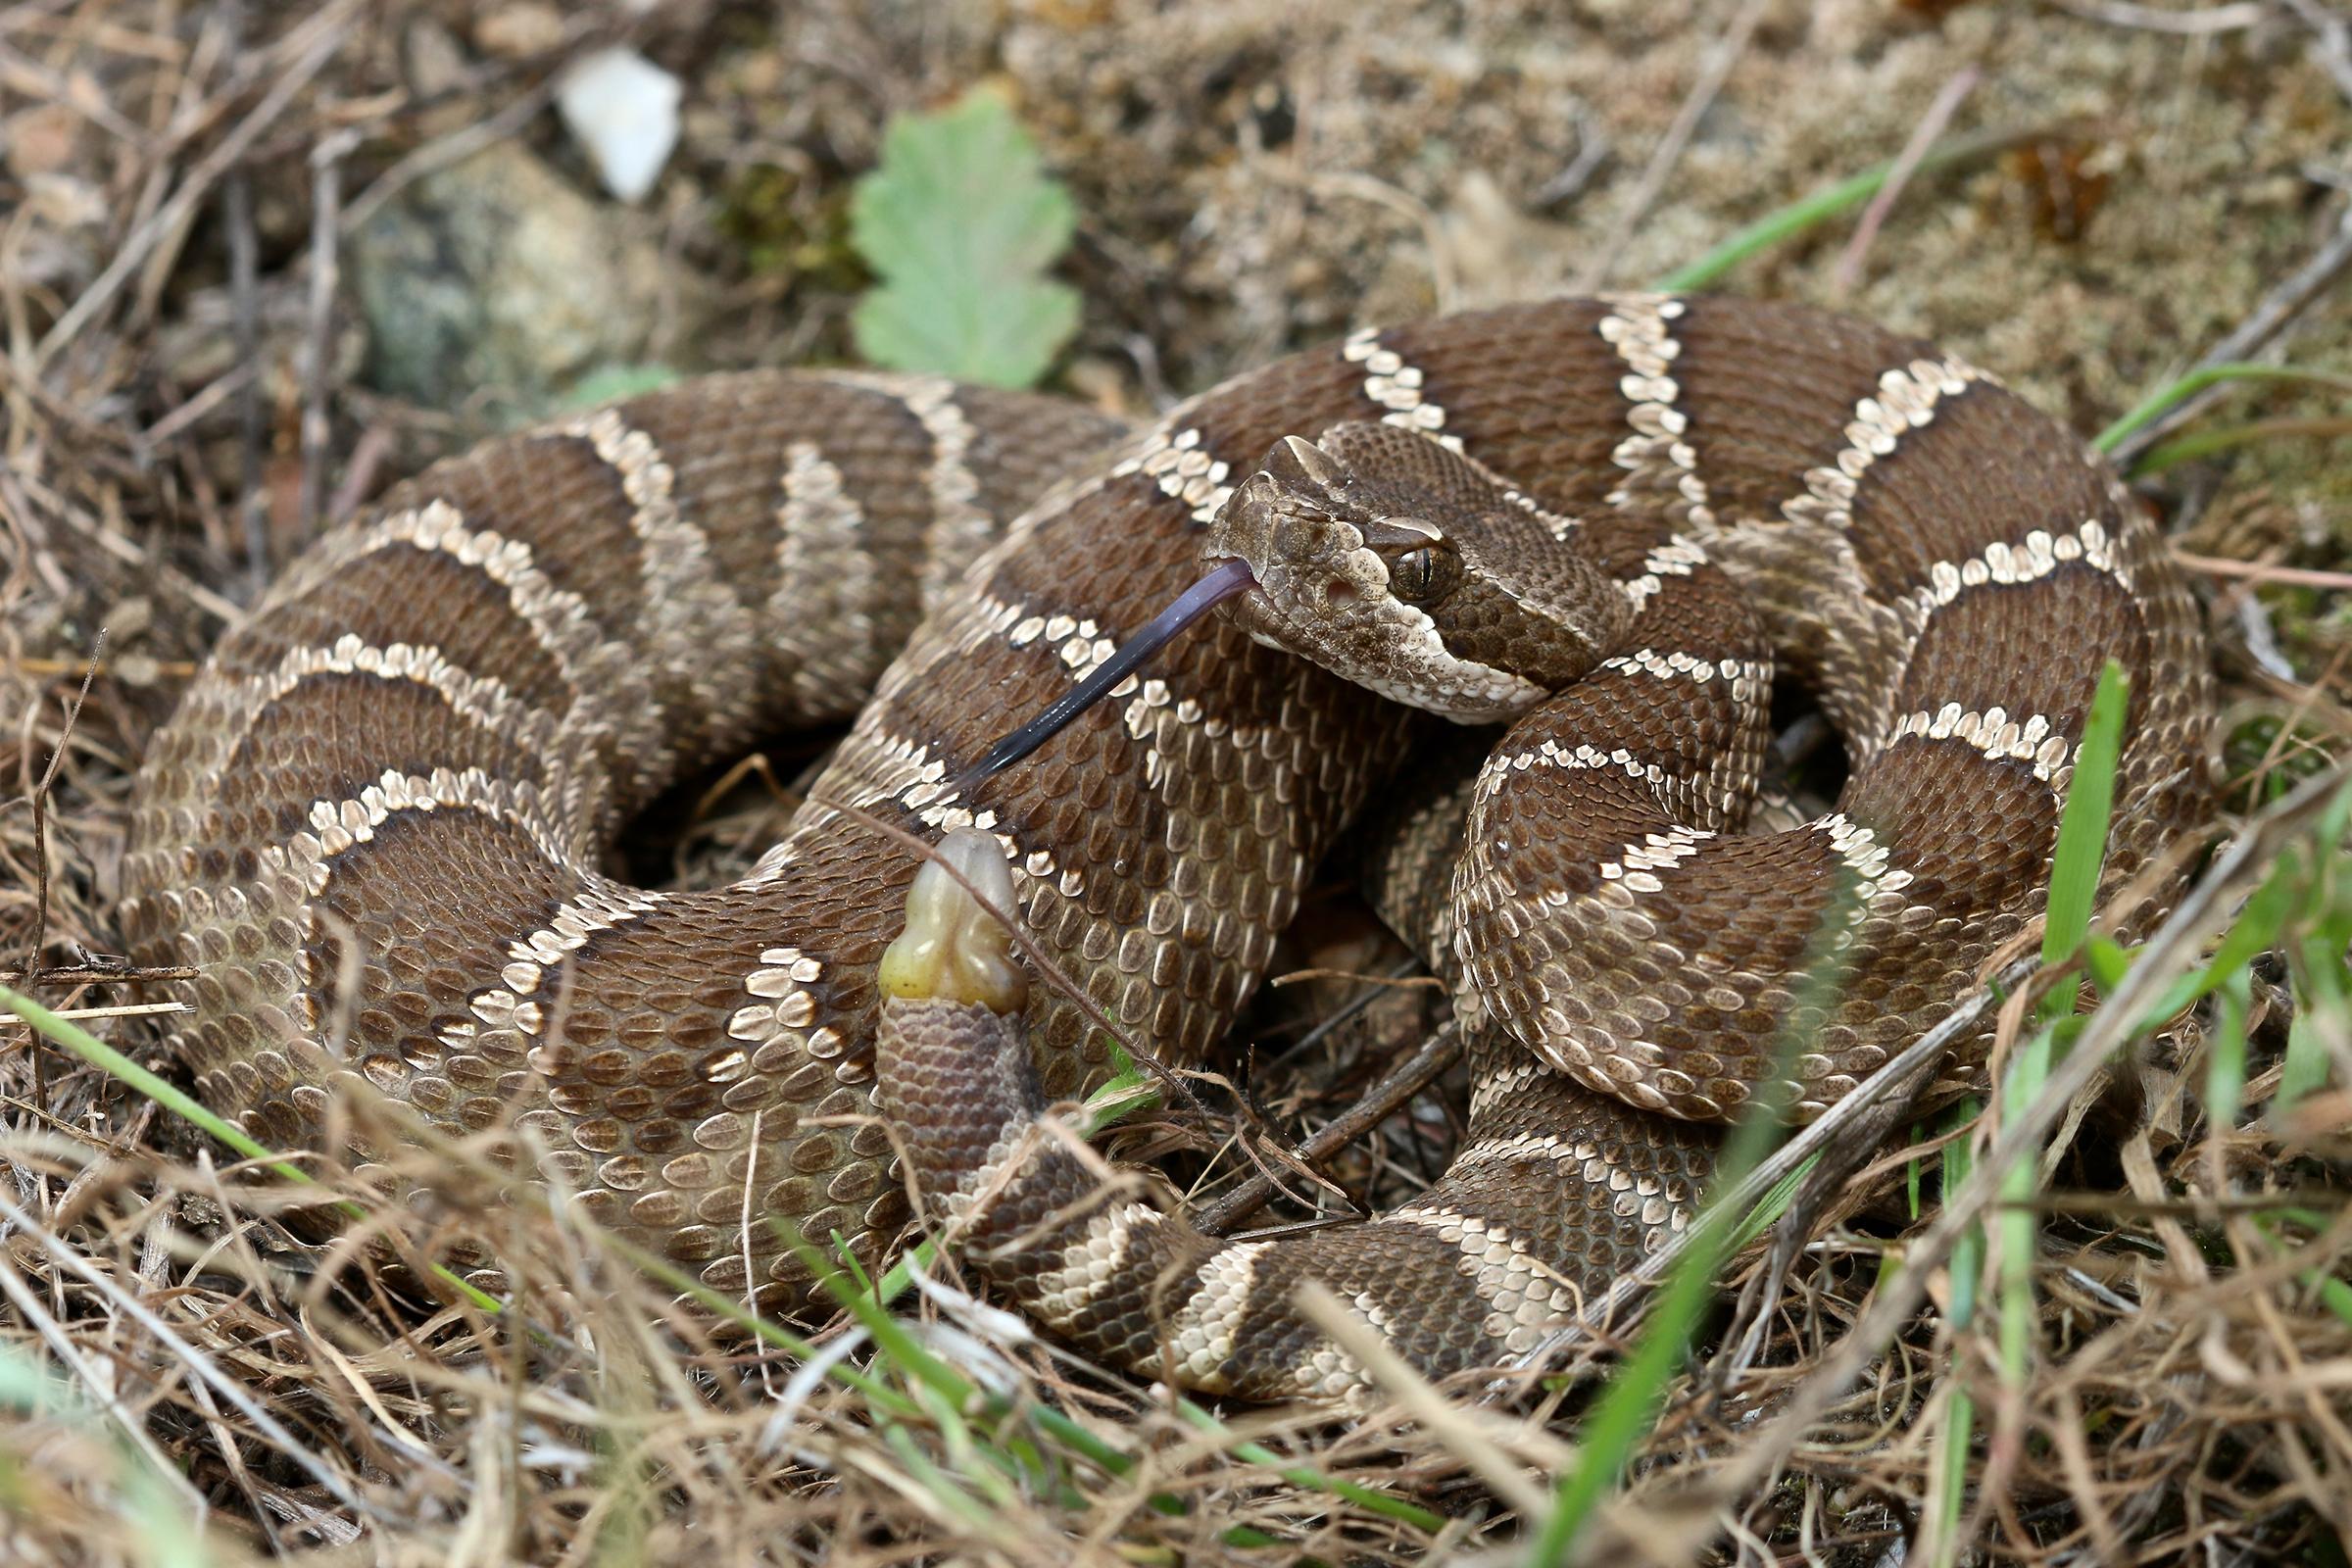 neonate rattlesnake